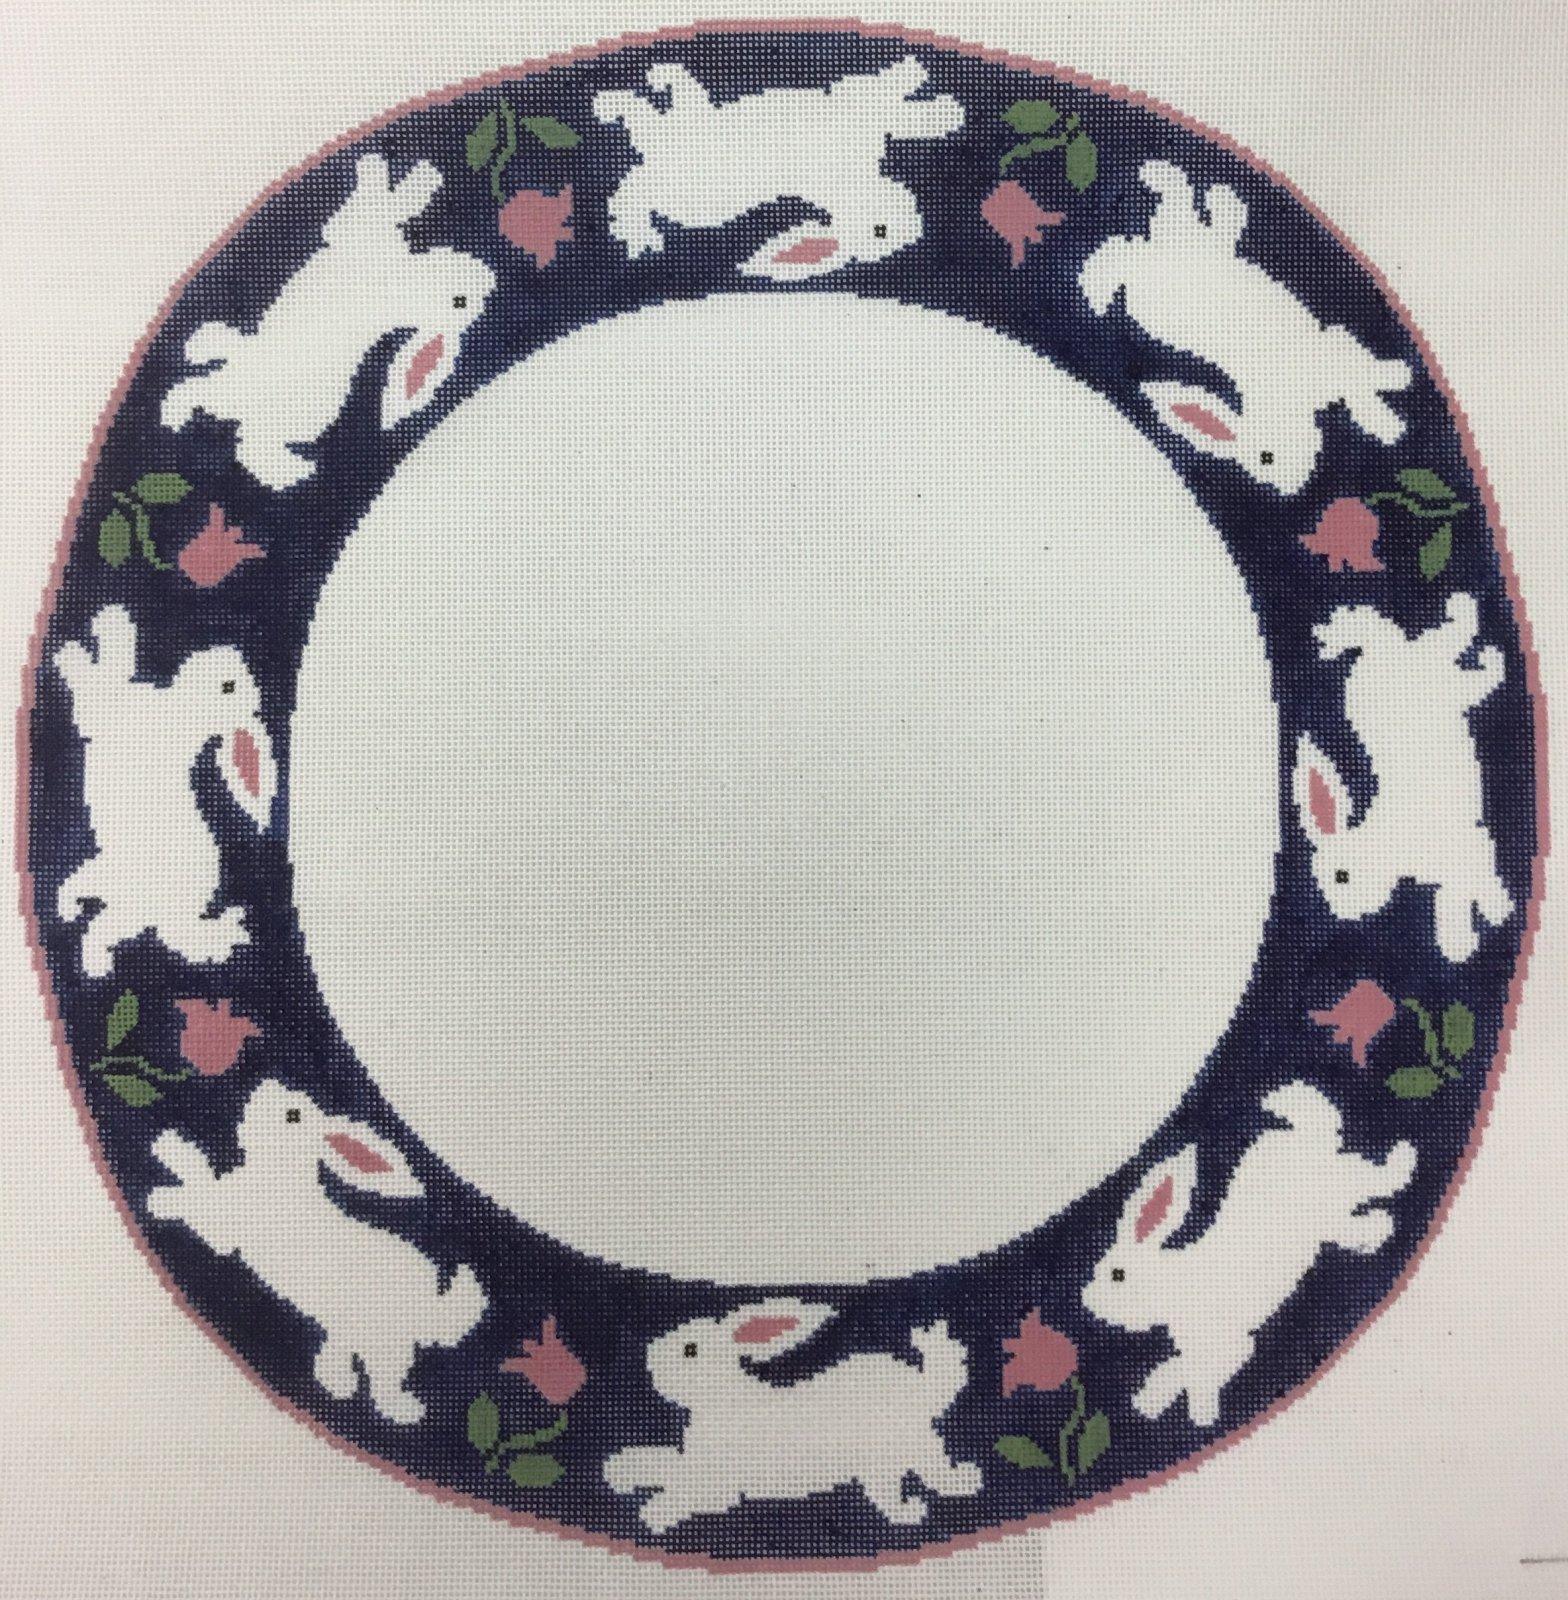 Bunny Go Round, 18M, 14x14